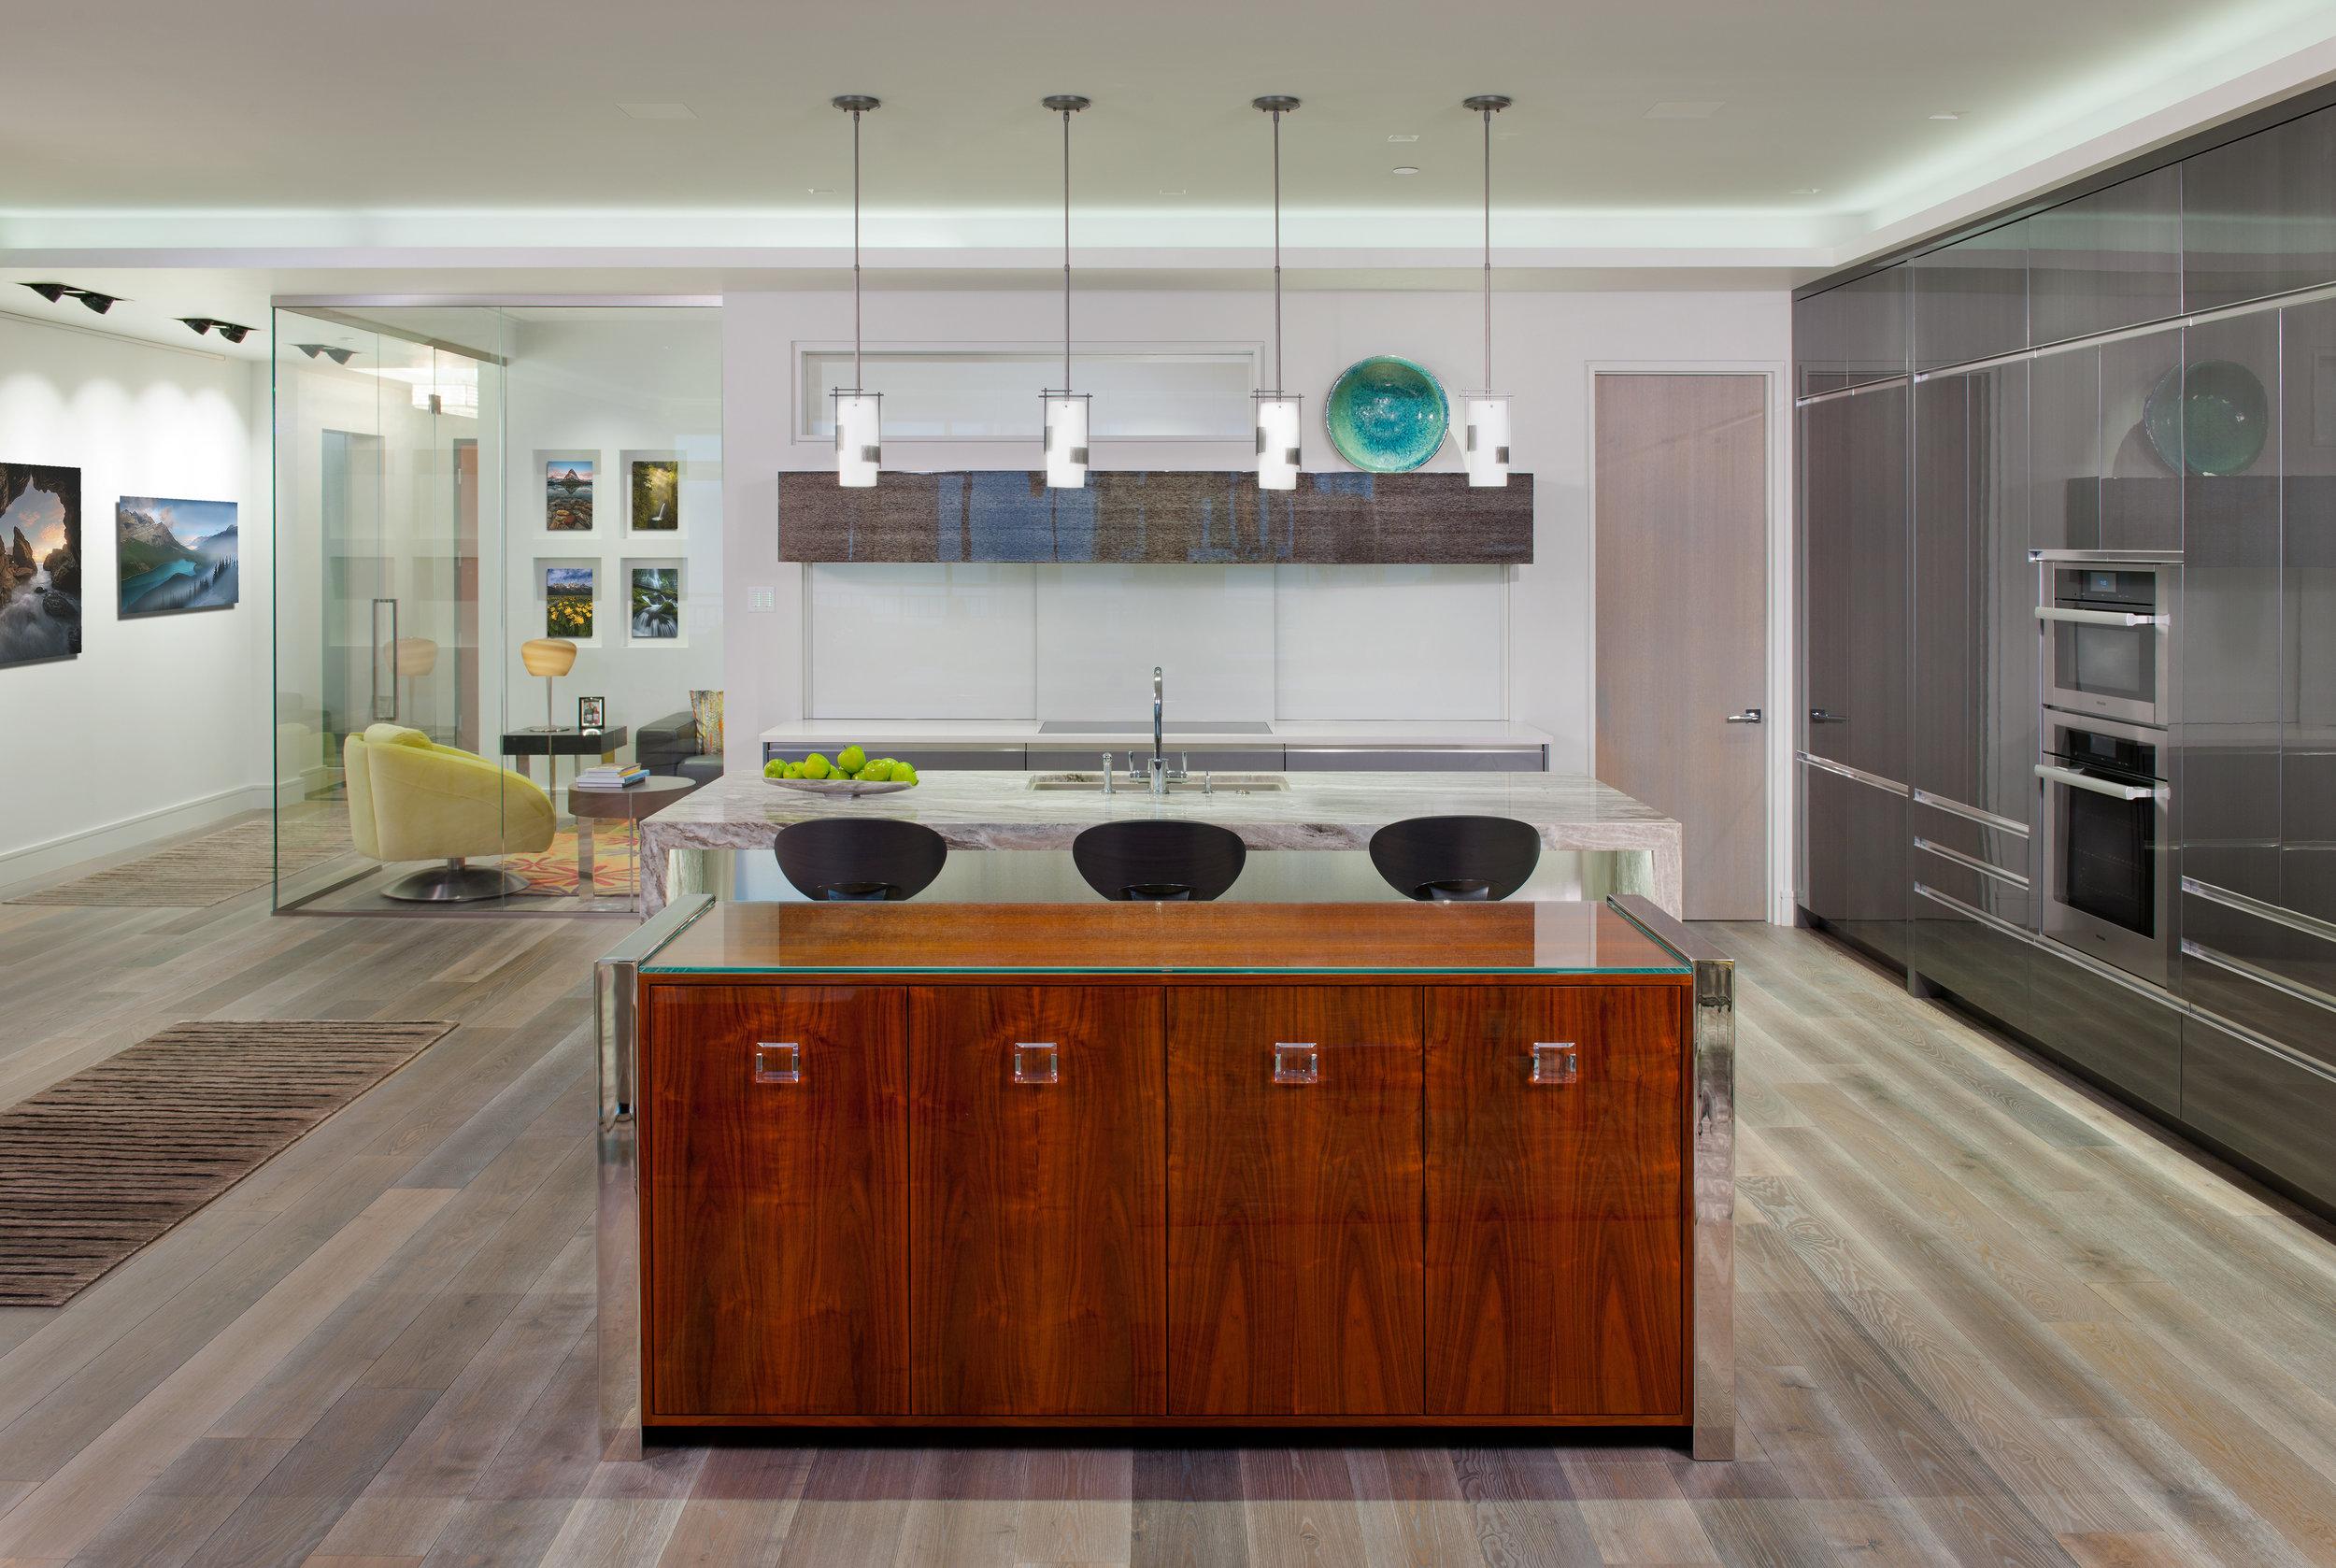 kitchen_bath_concepts_Kitchen_10295c.jpg